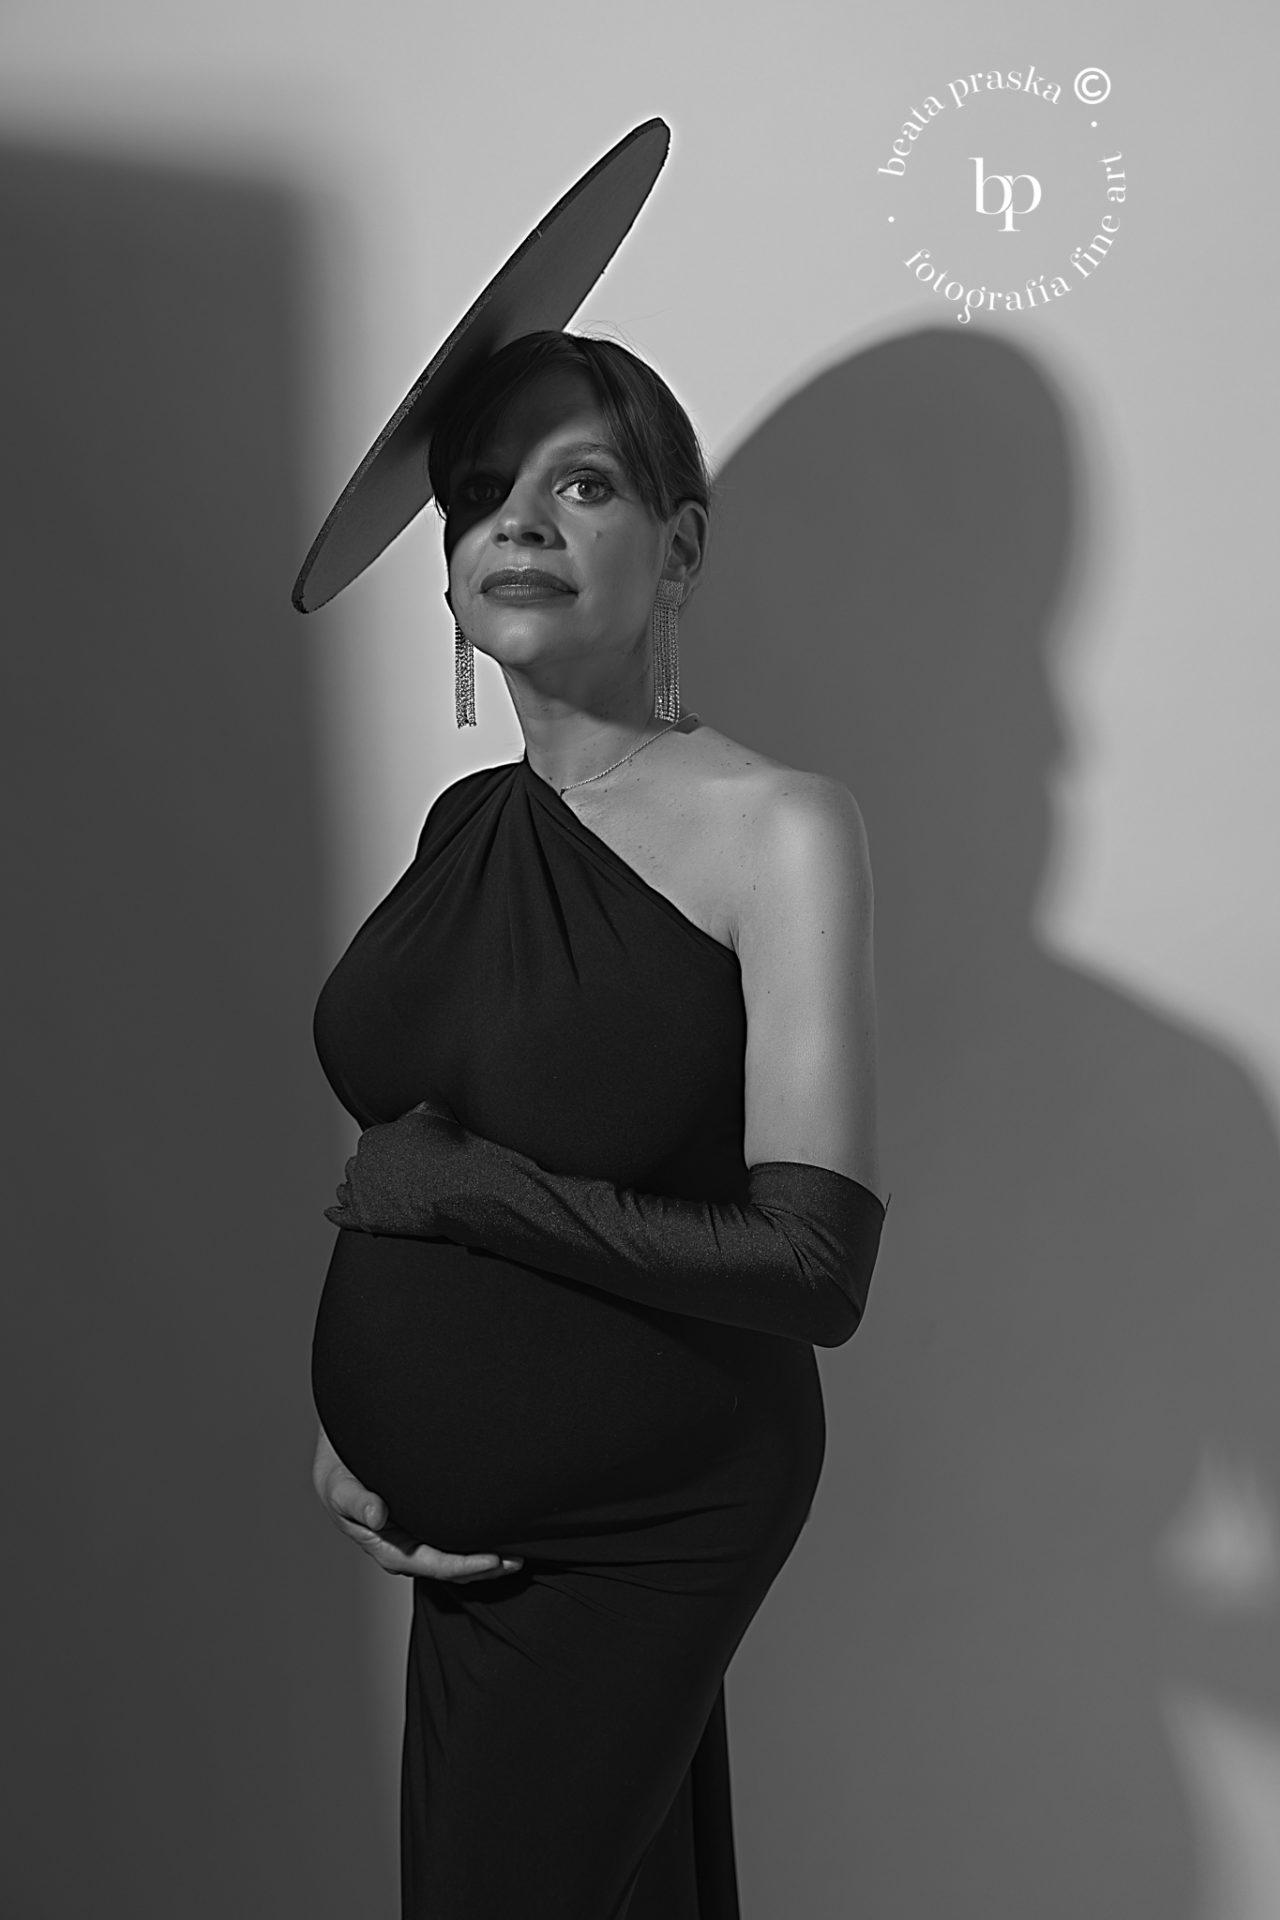 mujer embarazada elegante en blanco y negro en estudio de Beata Praska